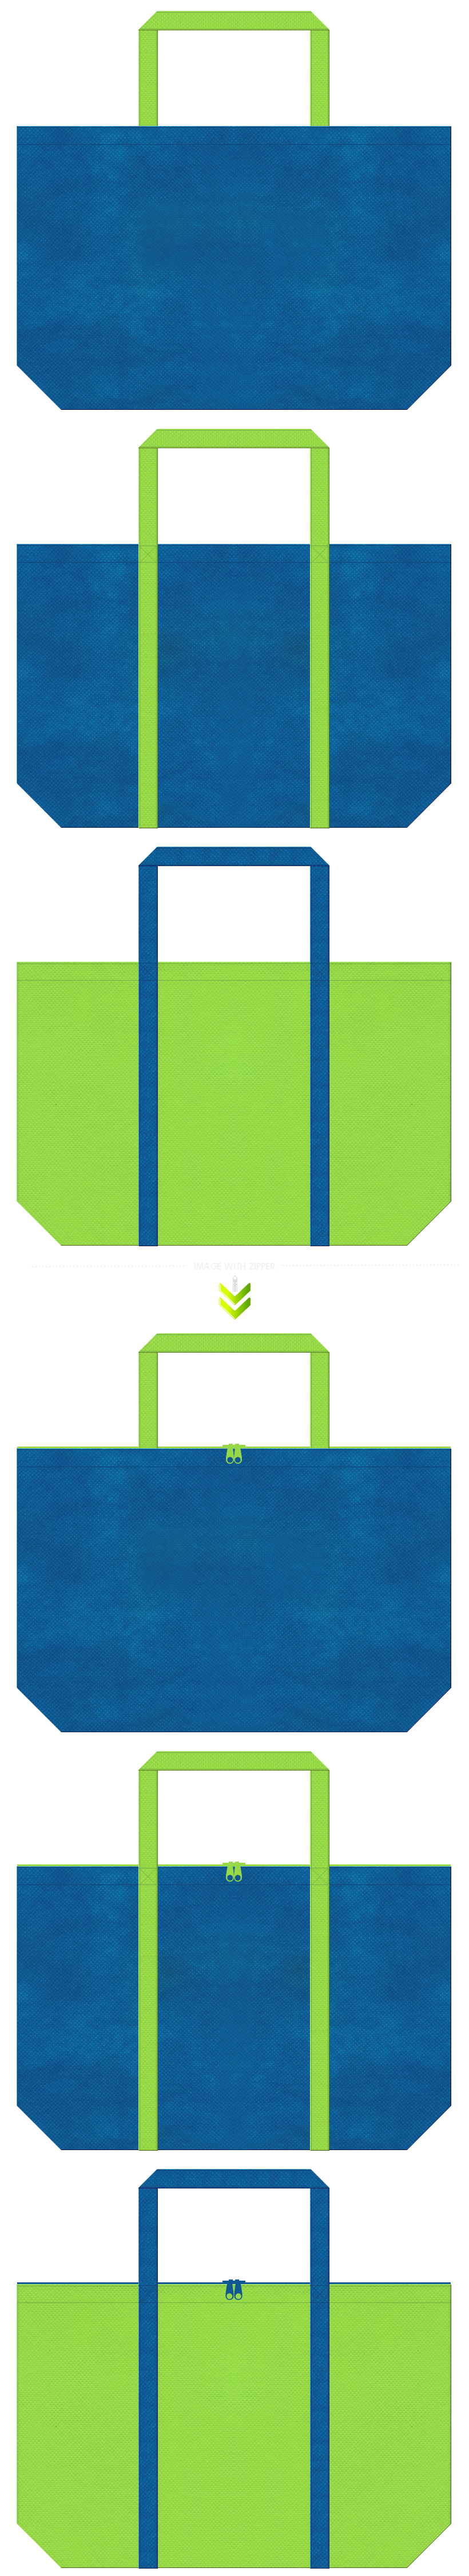 スノーボードのバッグノベルティにお奨めのコーデ。青色と黄緑色の不織布バッグデザイン。